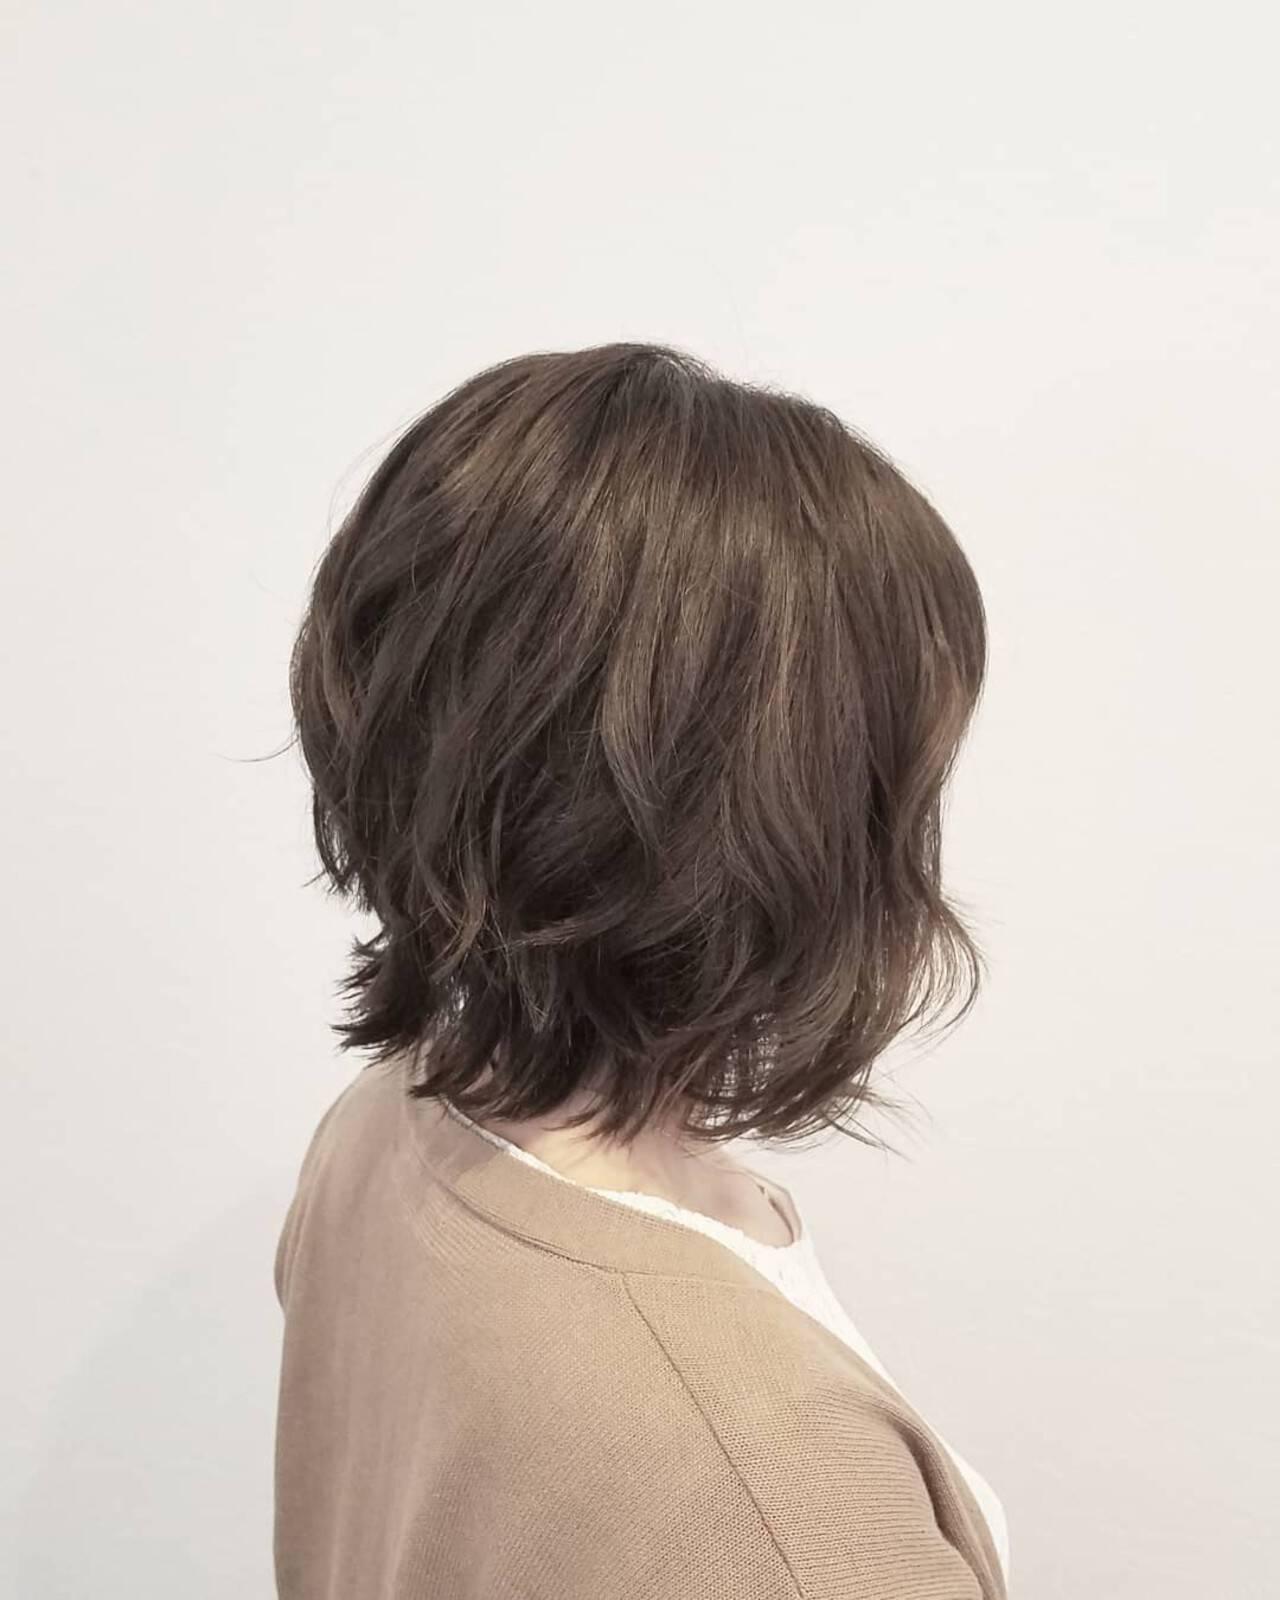 透明感 秋 ミディアム エフォートレスヘアスタイルや髪型の写真・画像